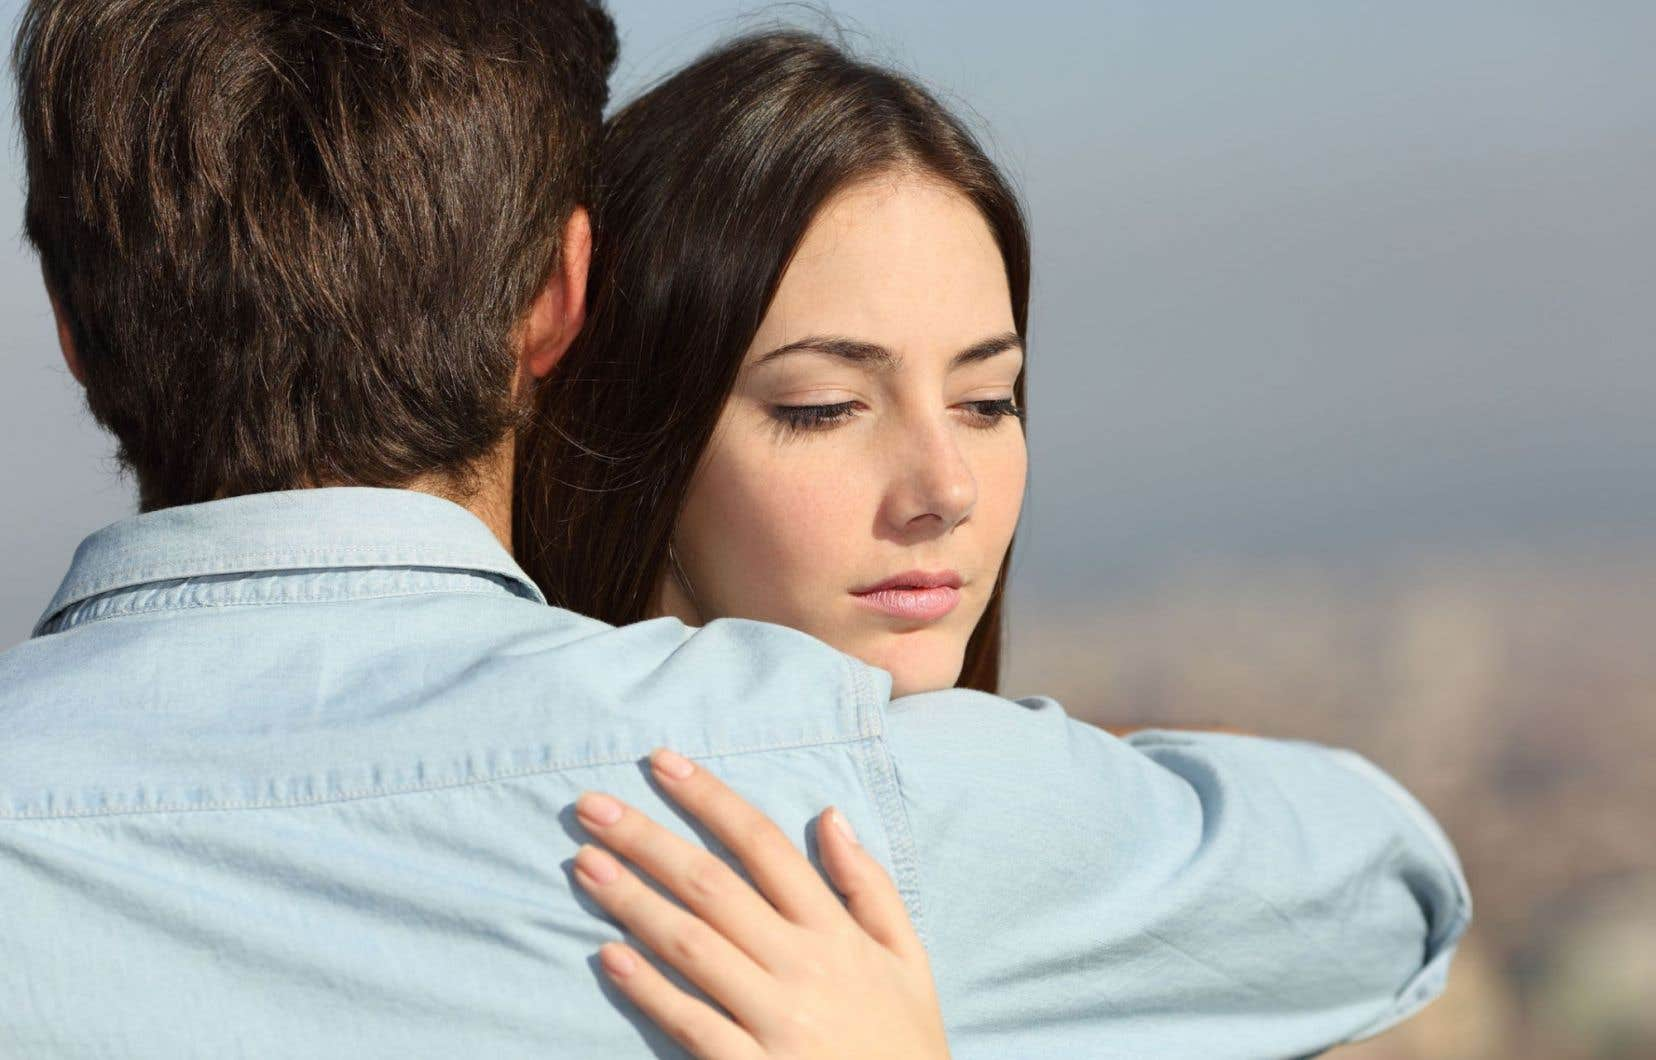 On en sort en surface, mais au fond, l'héroïne d'aujourd'hui, fragile, rêve toujours du grand amour.